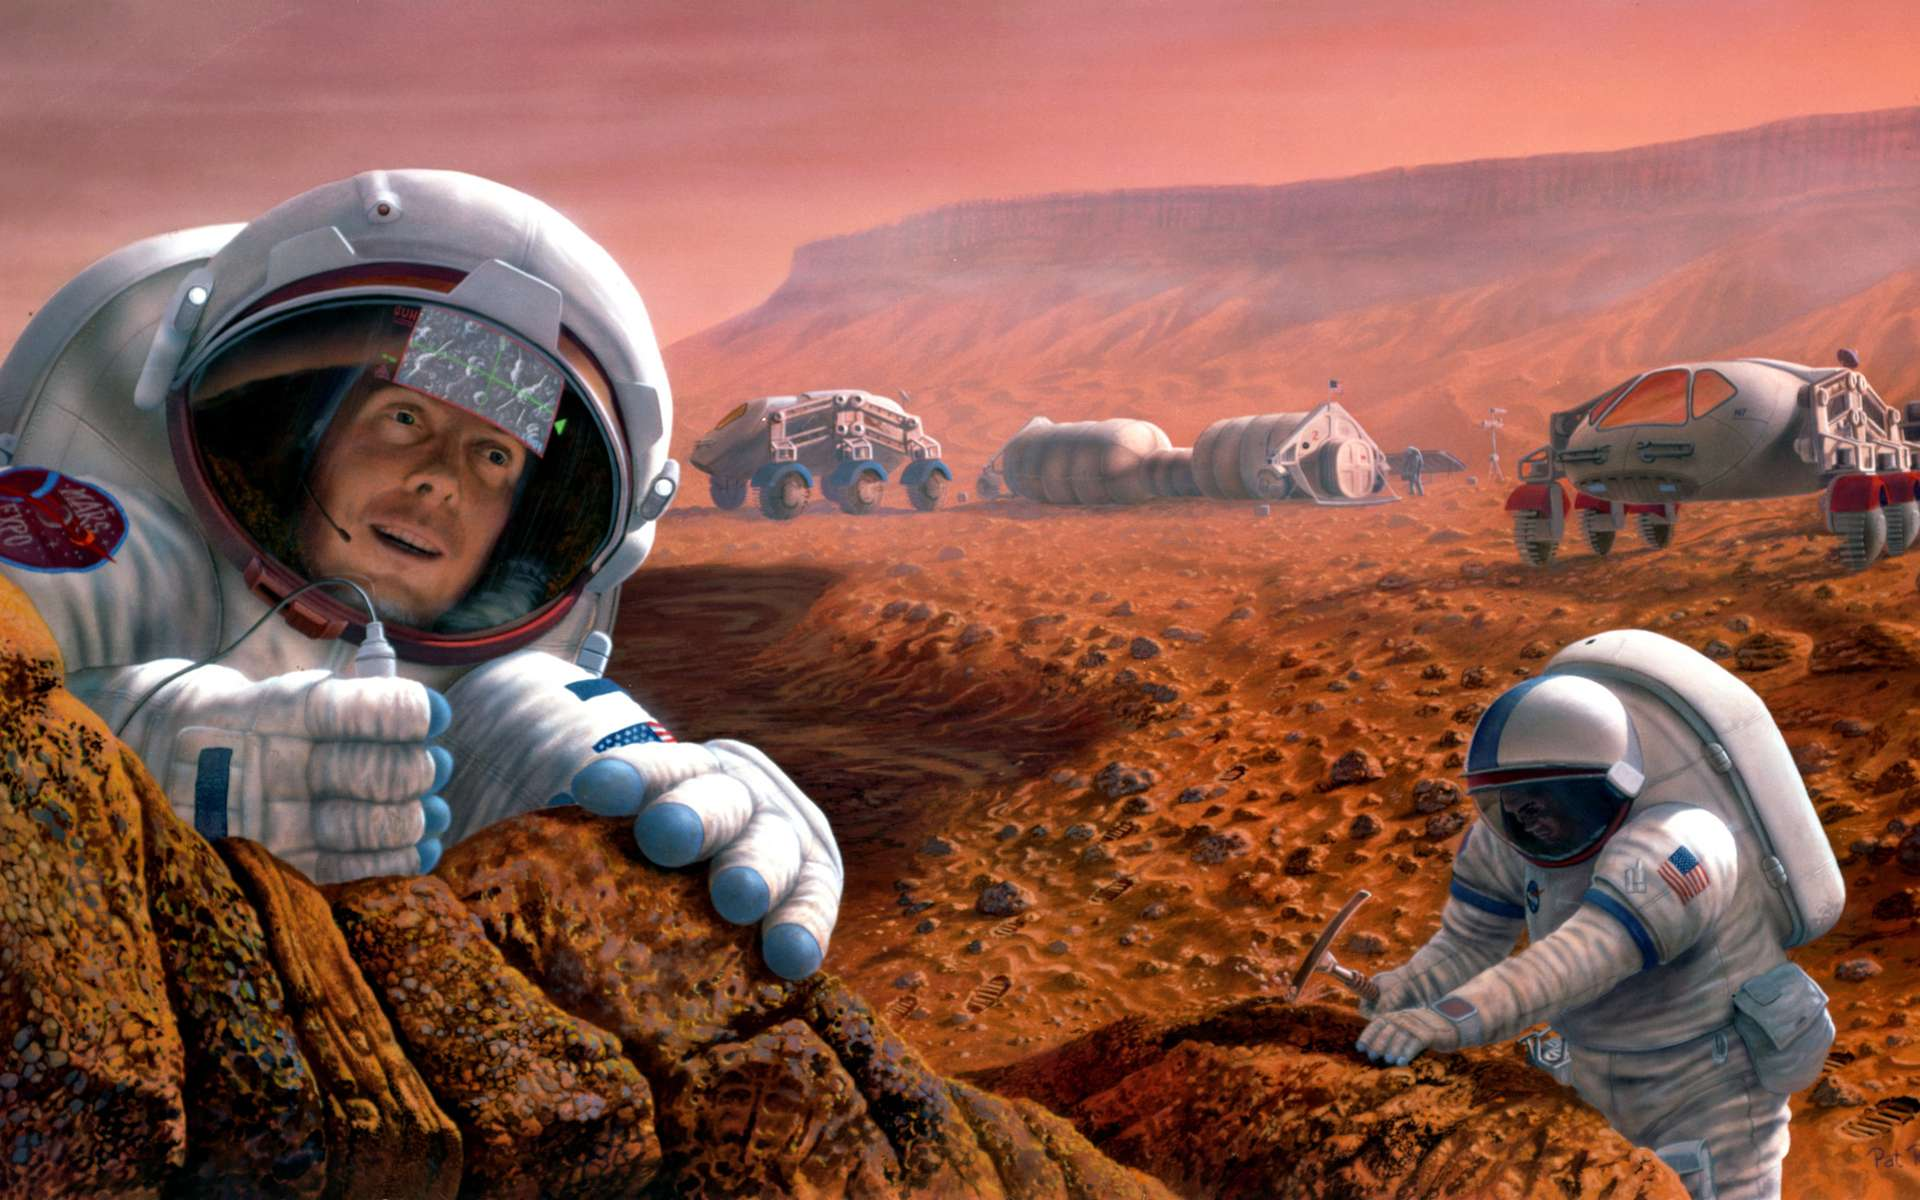 À moins de trouver une martingale, l'idée d'envoyer des Hommes sur la Planète rouge avant la fin de cette décennie est irréalisable. Bien que la technologie existe pour le faire, l'assembler et la tester pour une mission martienne nécessite un certain nombre d'années et le financement adéquat. © Nasa, Johnson Space Center